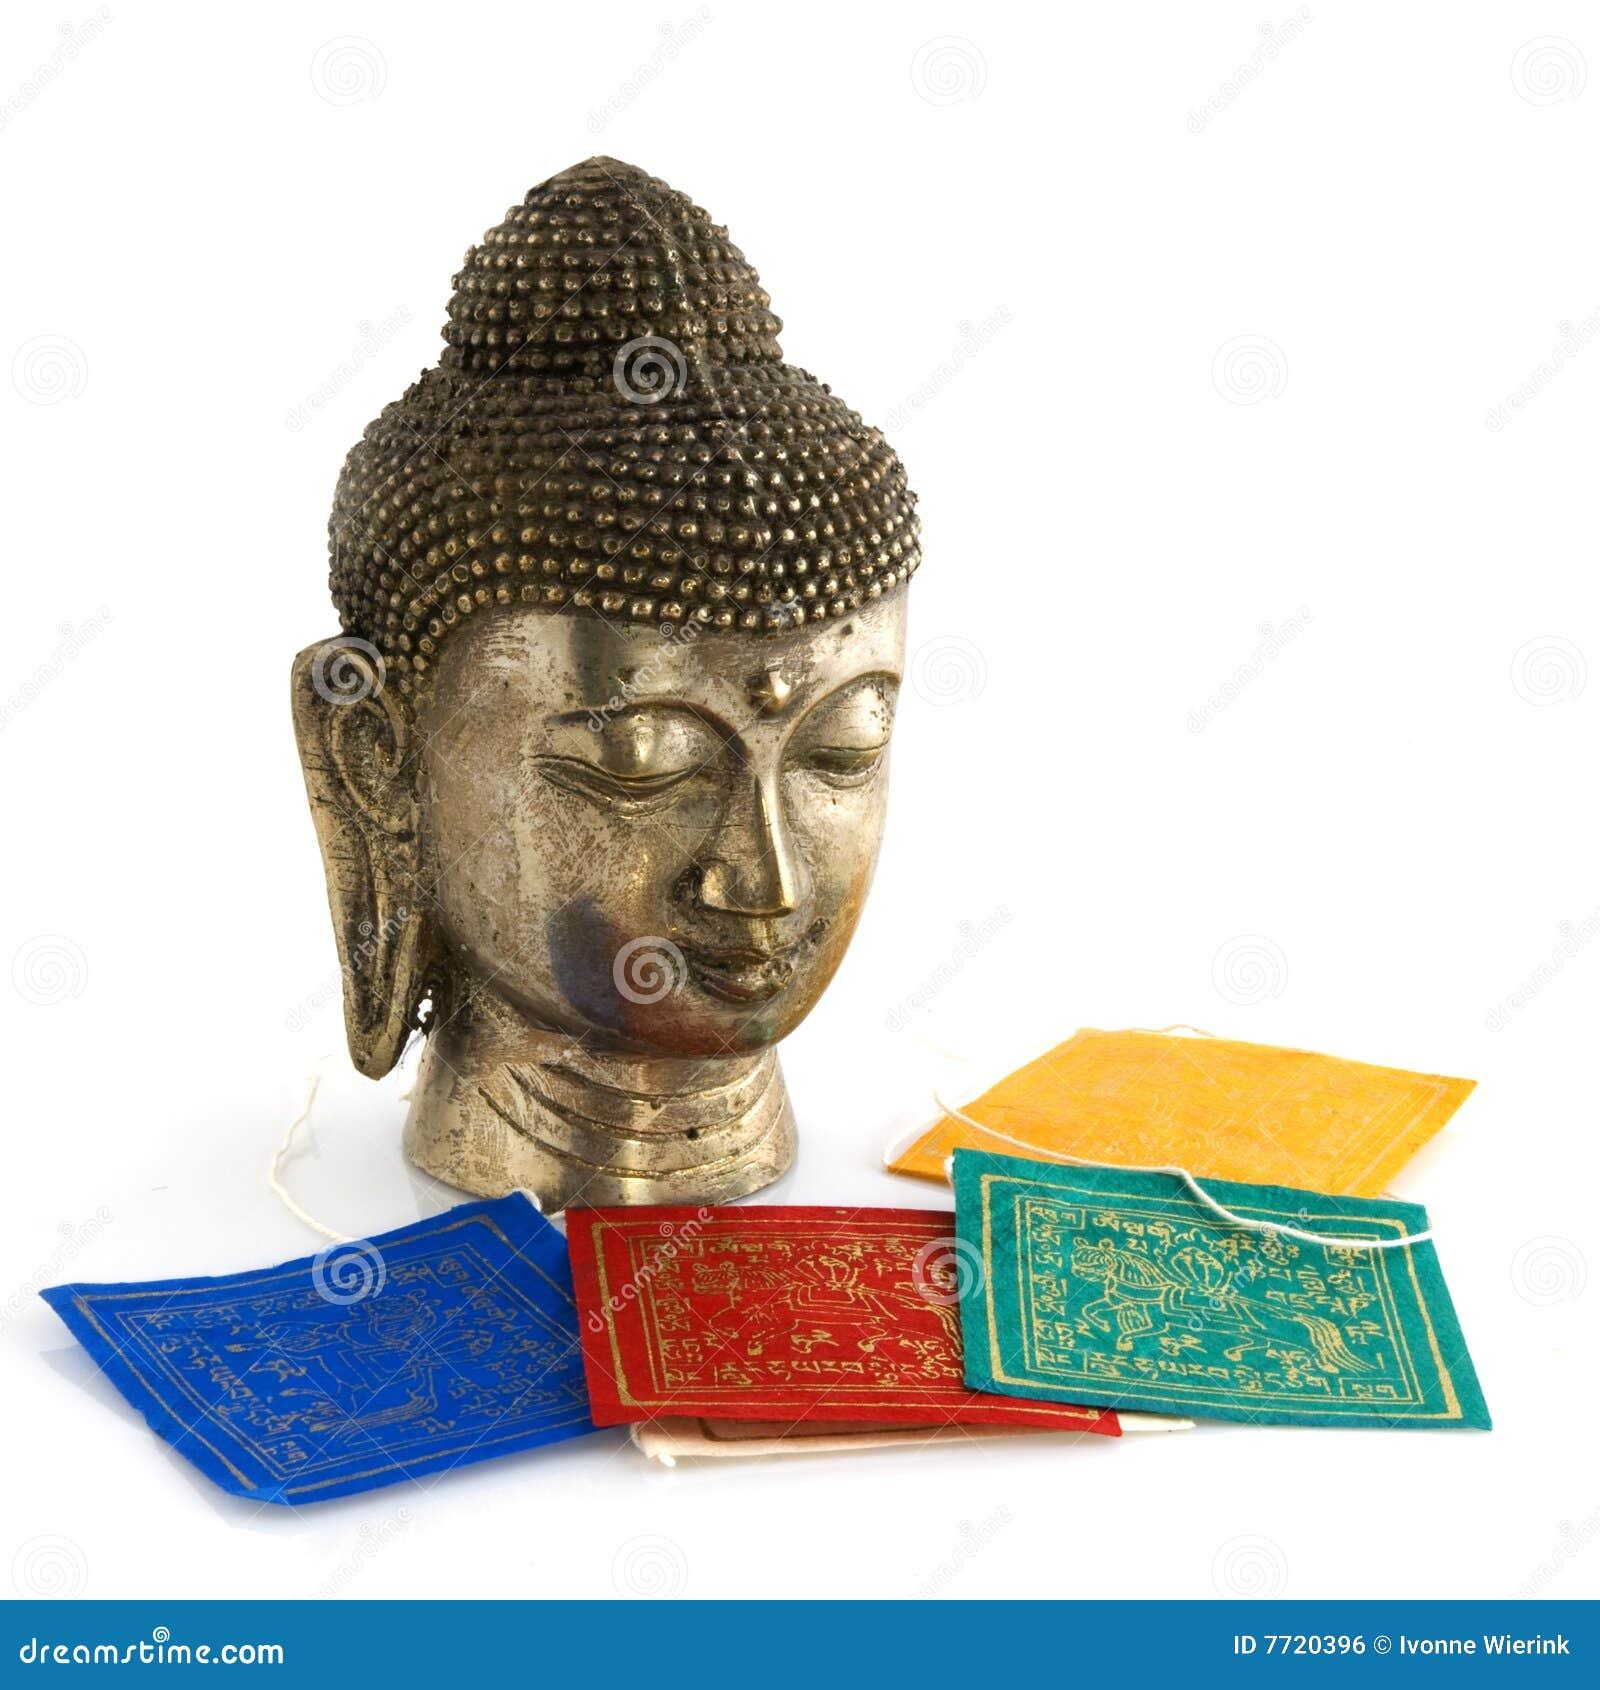 Buddhismusnachrichten